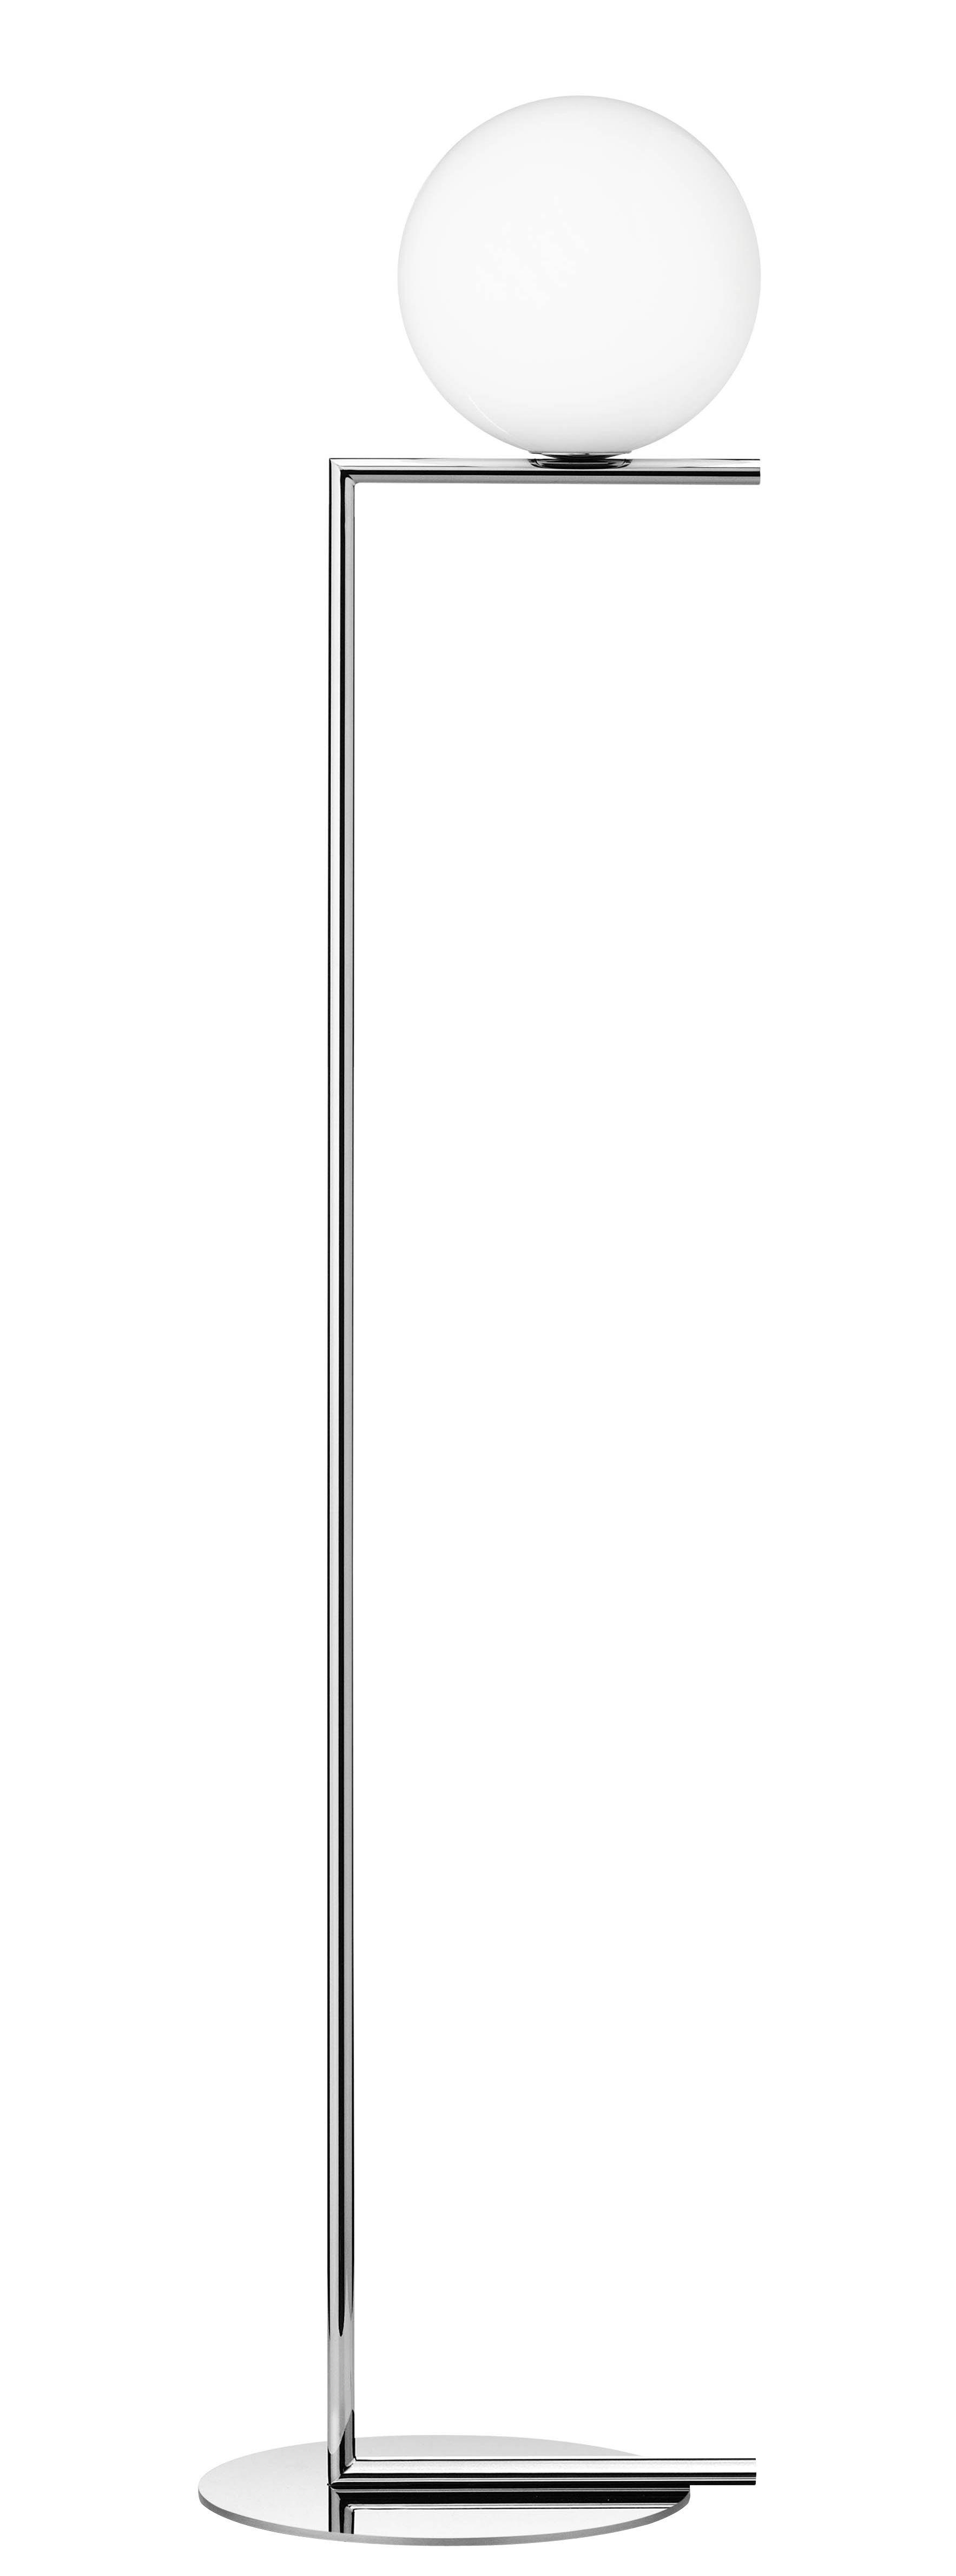 Leuchten - Stehleuchten - IC F1 Stehleuchte / H 135 cm - Flos - Chrom-glänzend - geblasenes Glas, verchromter Stahl